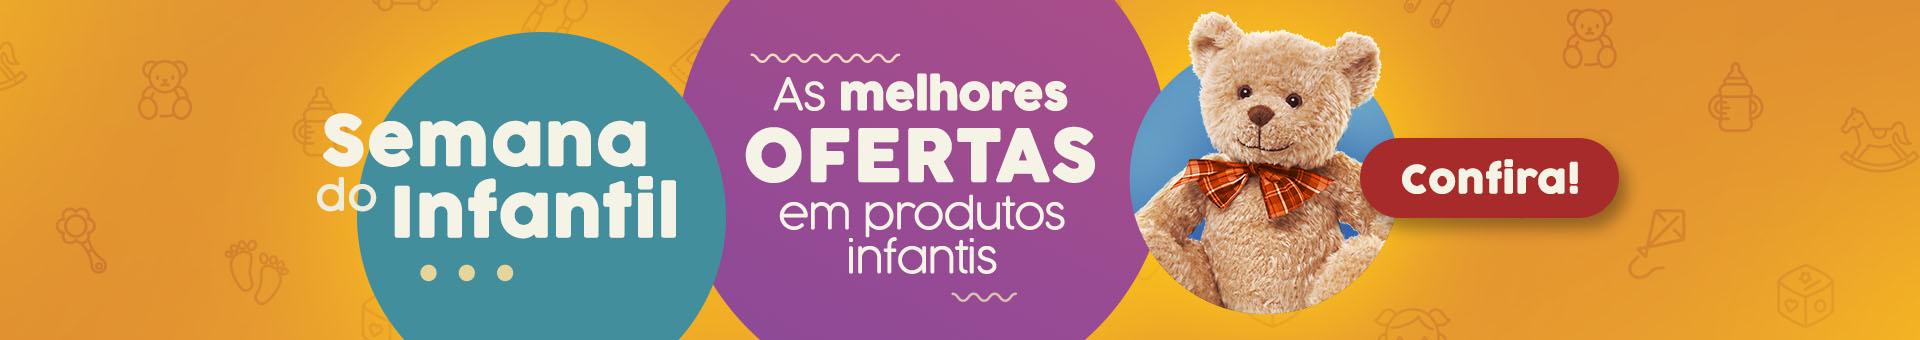 Banner Semana do Infantil Desktop